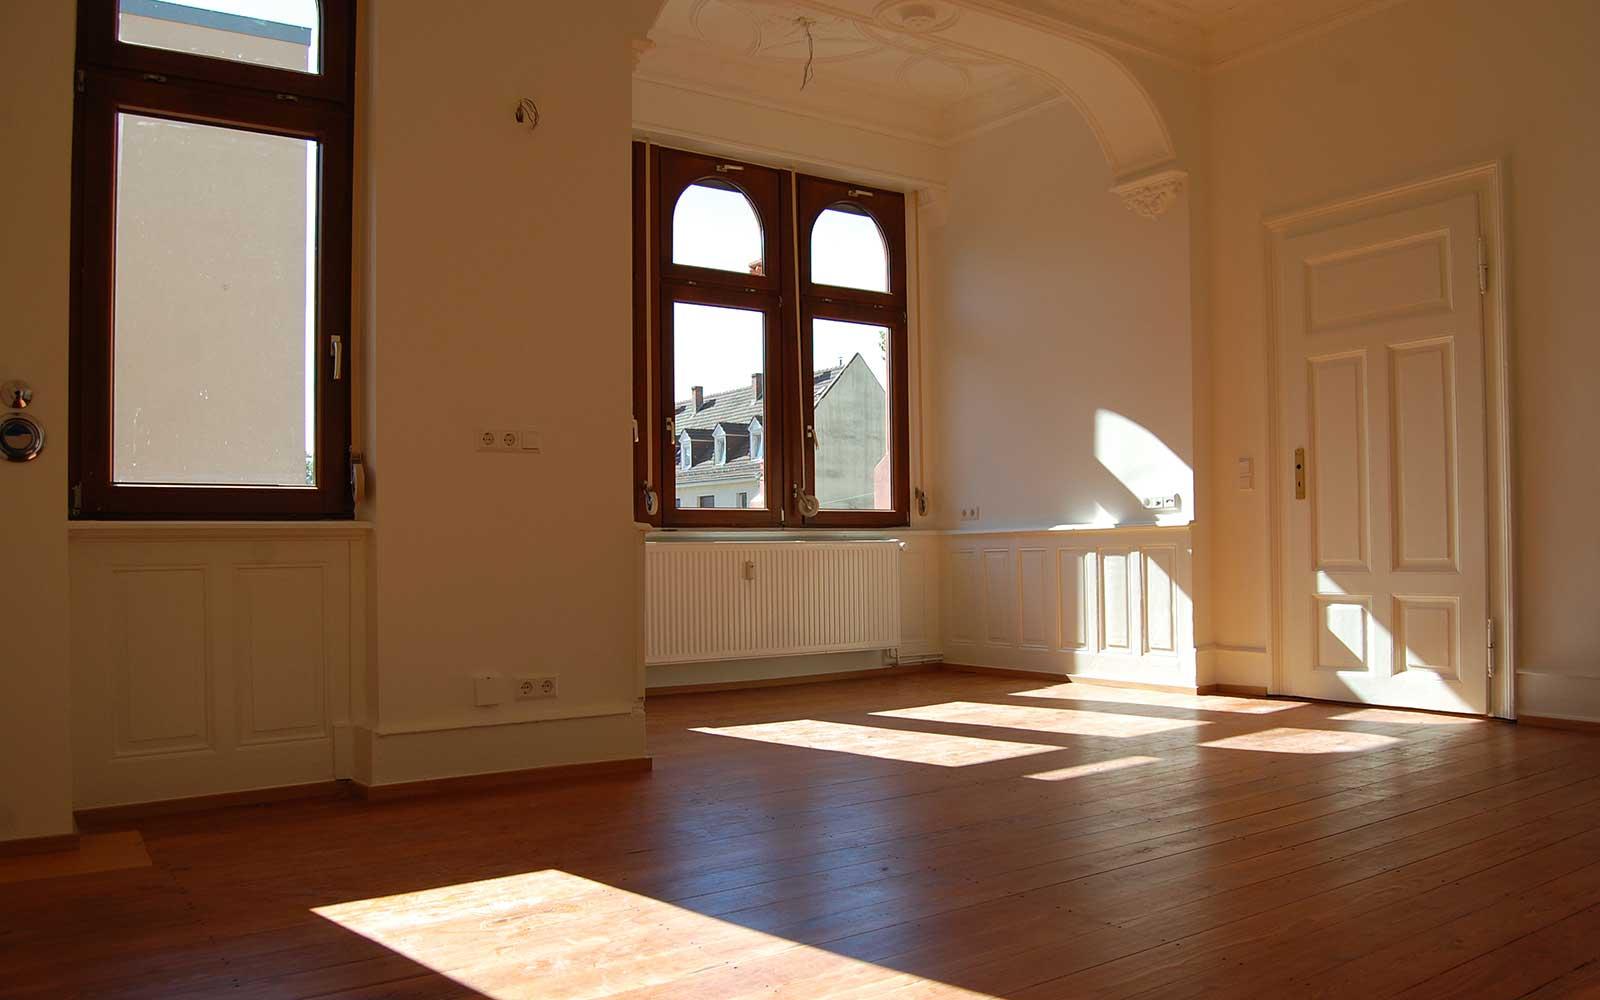 Jugendstilhaus in der Weststadt, Heidelberg, Architektur: Kochhan und Weckbach